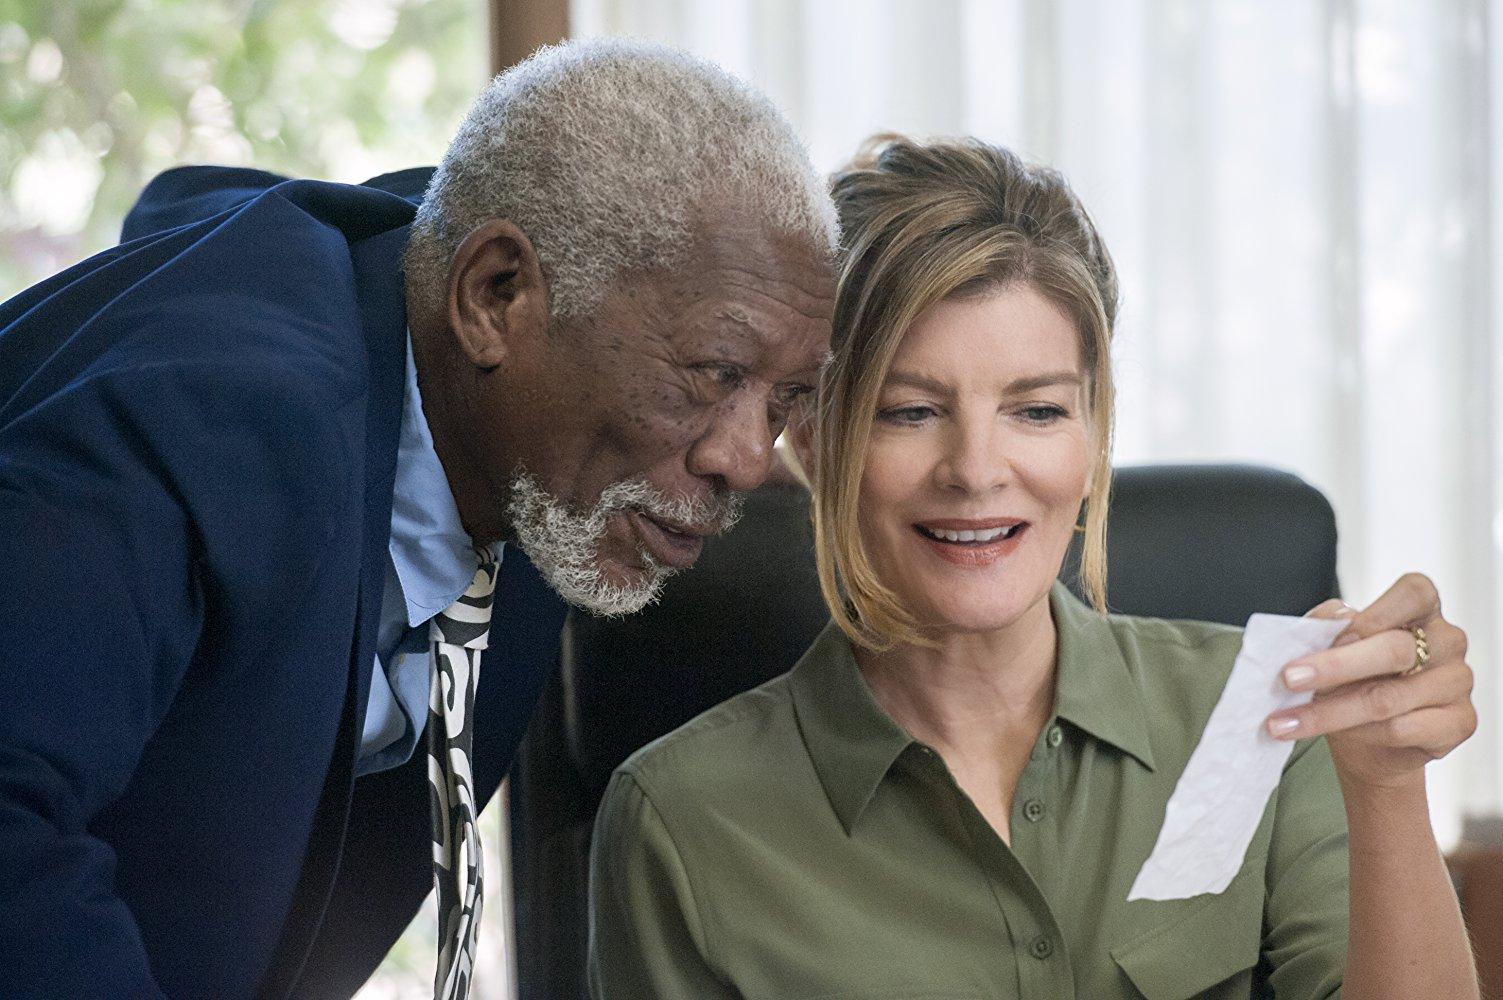 L'avocat de Morgan Freeman demande à CNN de retirer ses accusations — Harcèlement